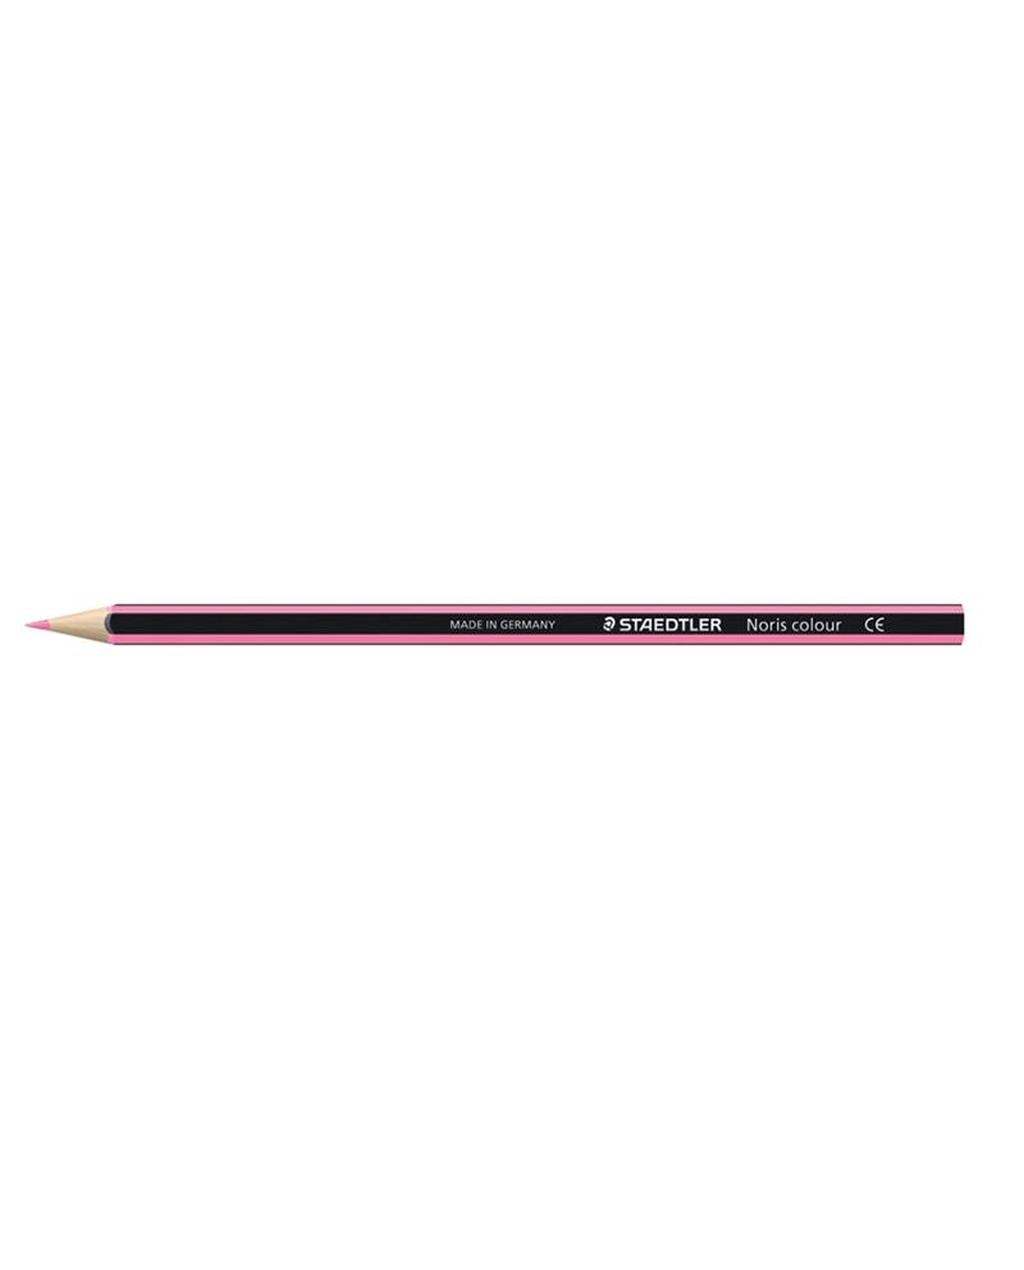 Staedtler Noris Colour Colouring Pencils - Pink